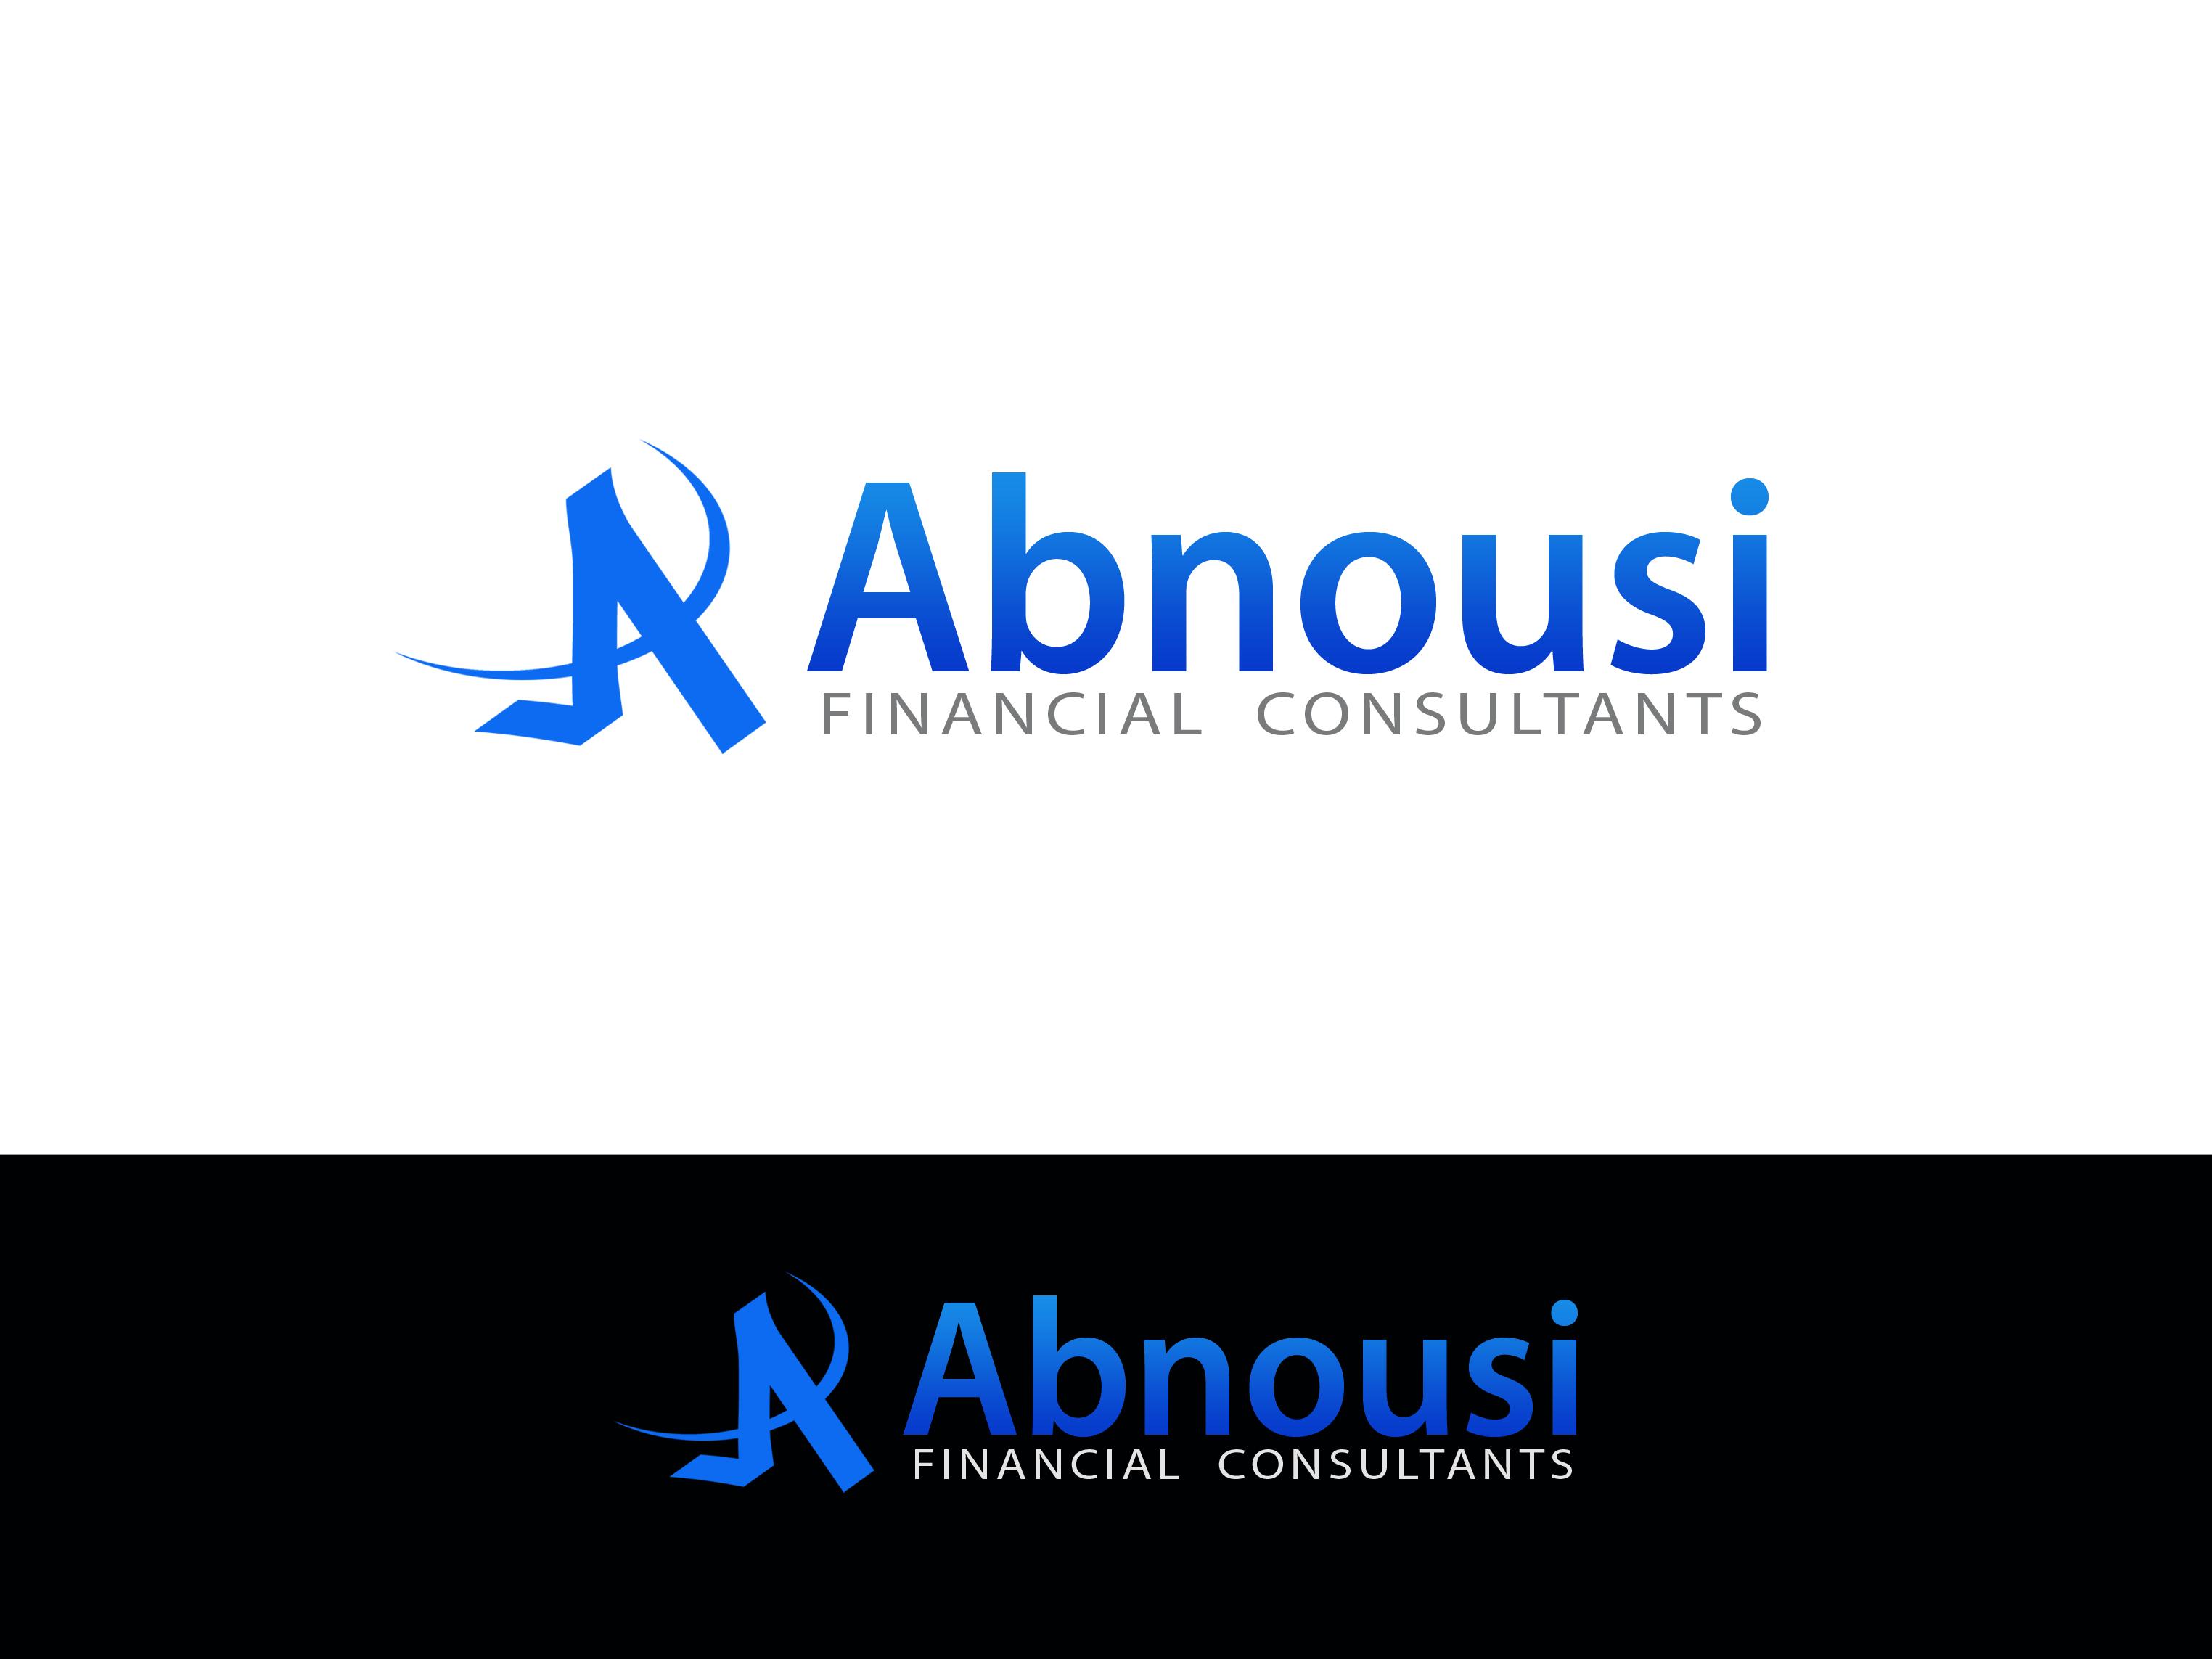 Logo Design by Golden_Hand - Entry No. 6 in the Logo Design Contest Fun Logo Design for Abnousi Financial Consultants.